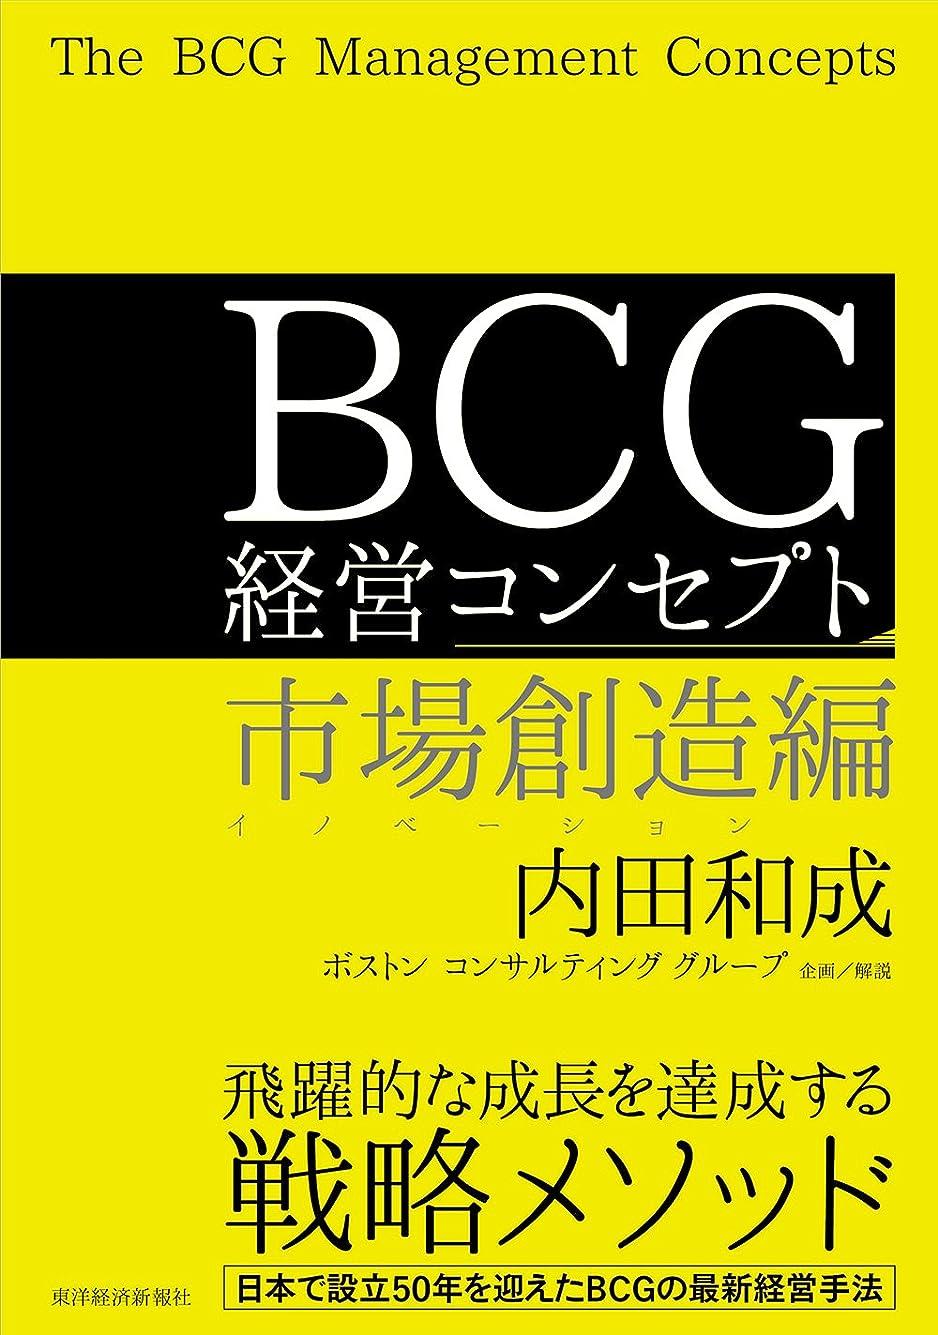 まだら確かめる二週間BCG 経営コンセプト 市場創造編